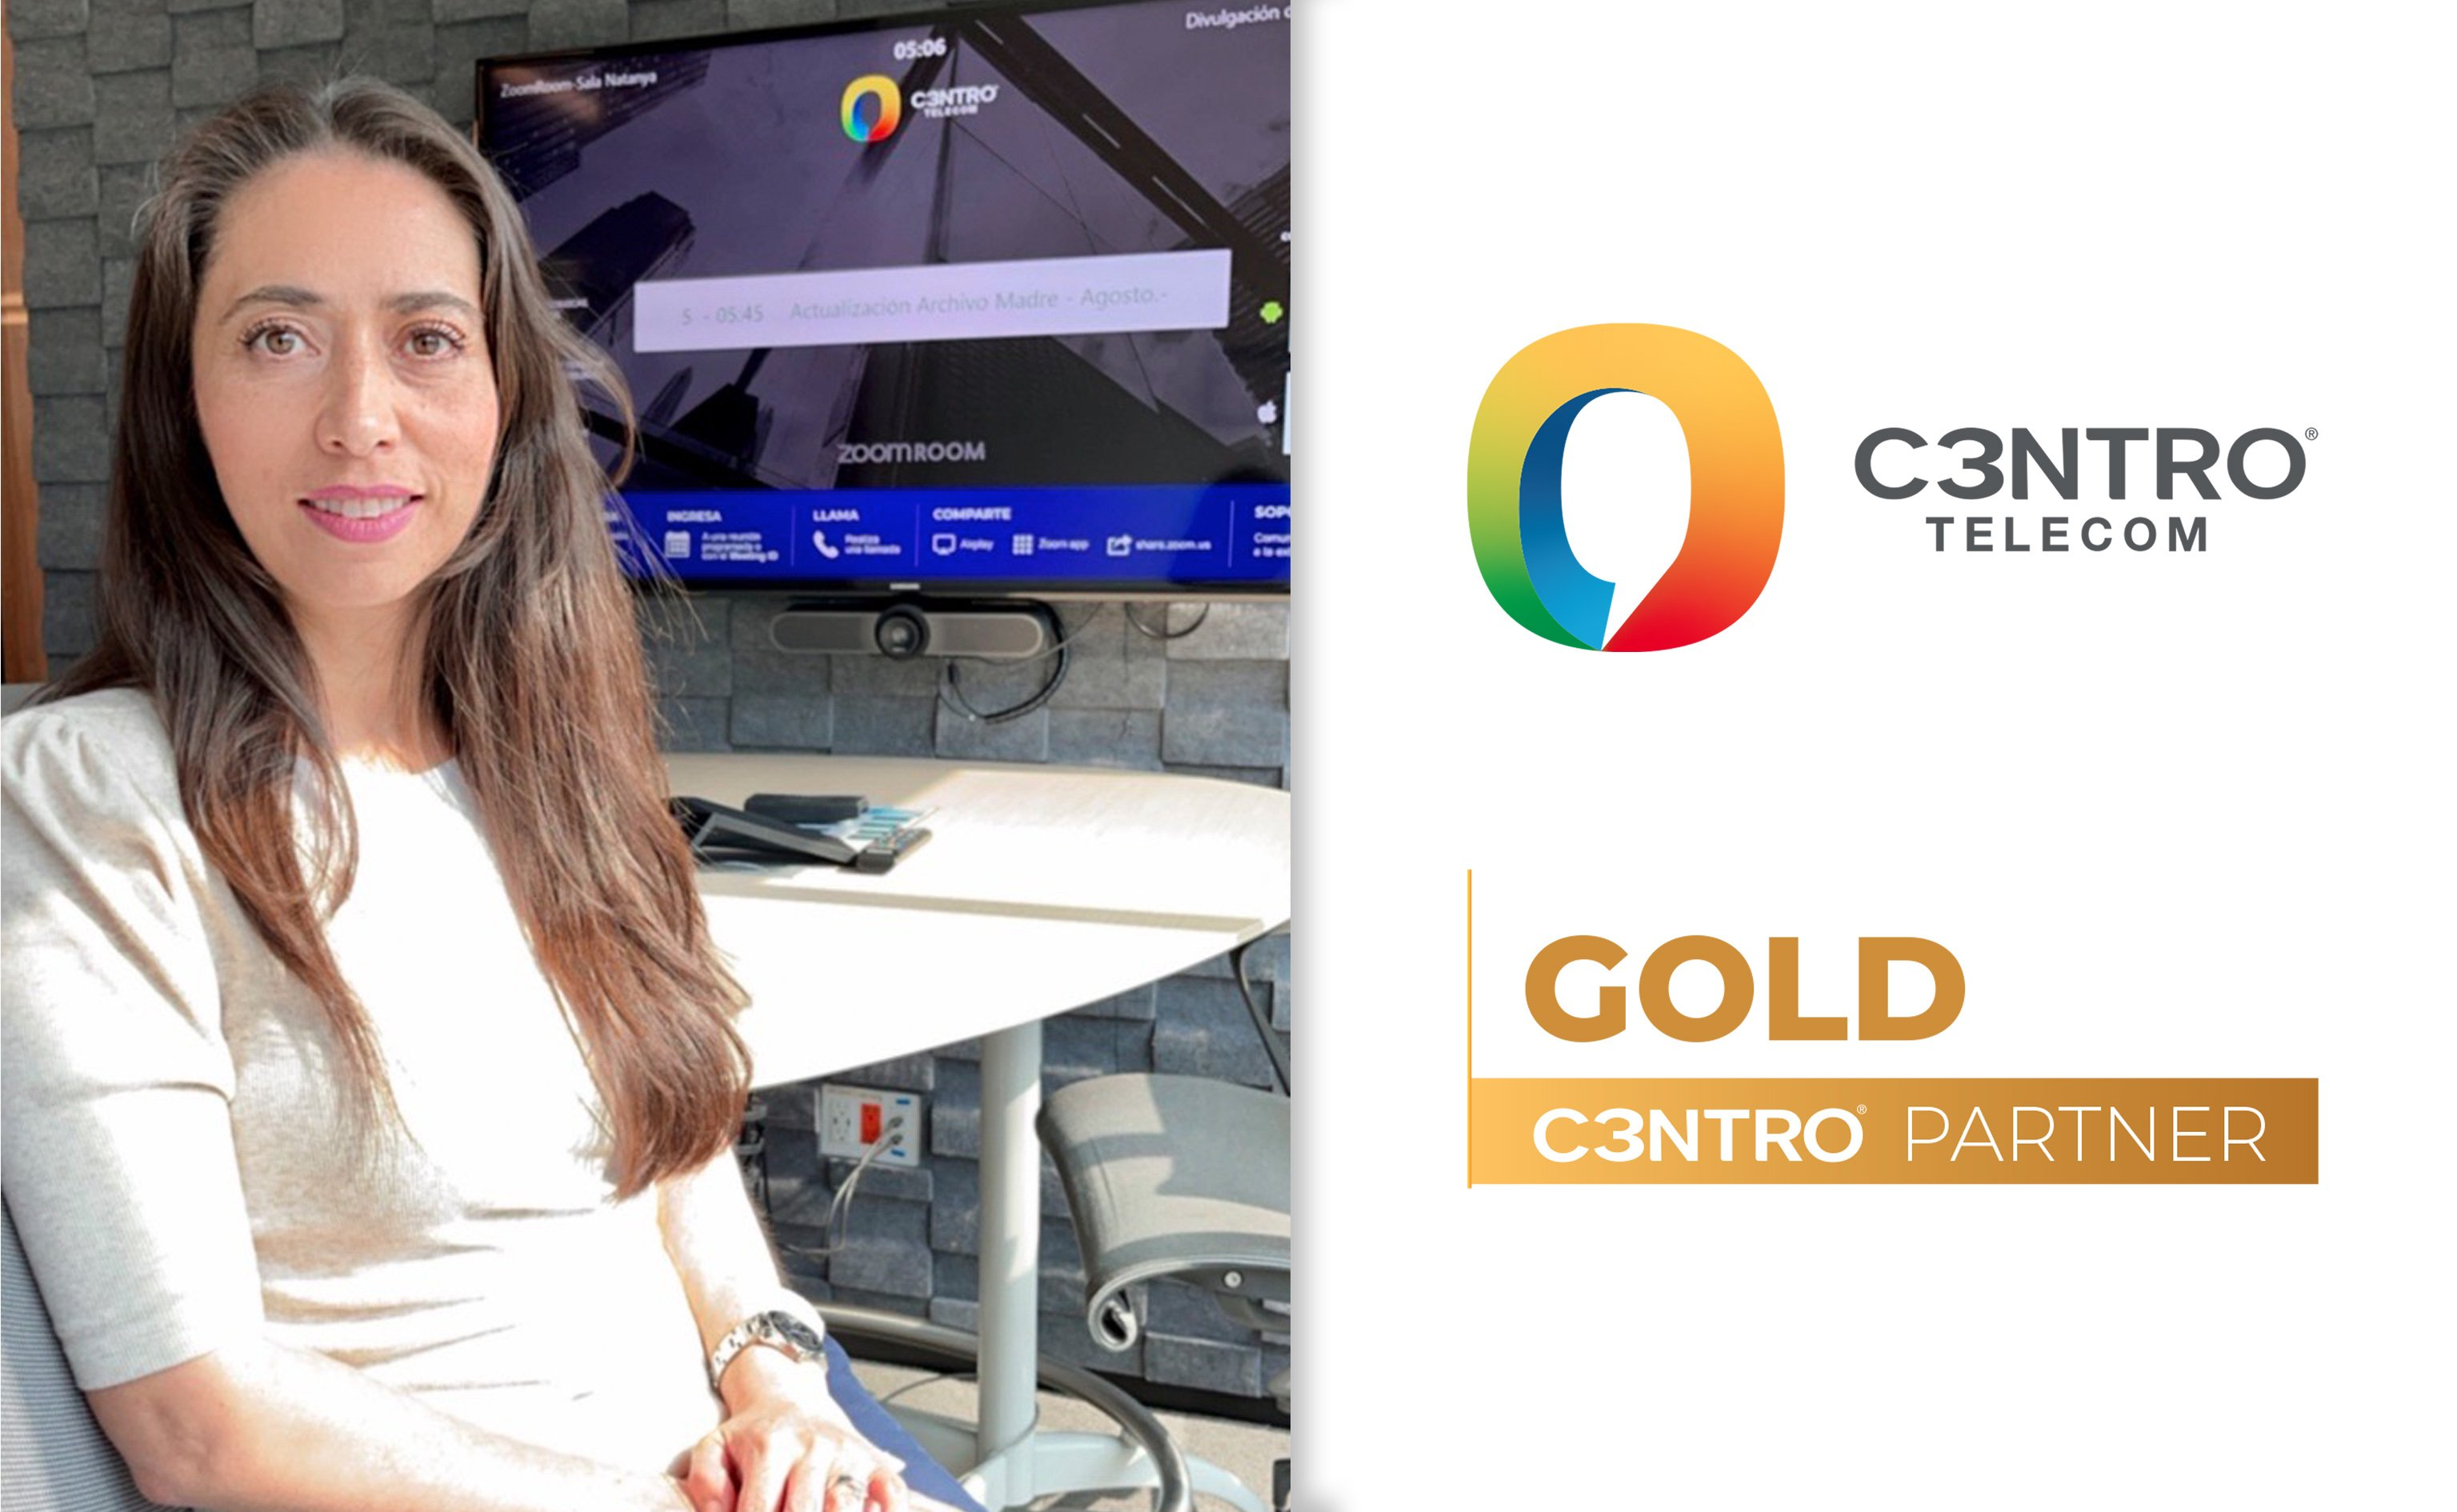 programa de canales C3ntro